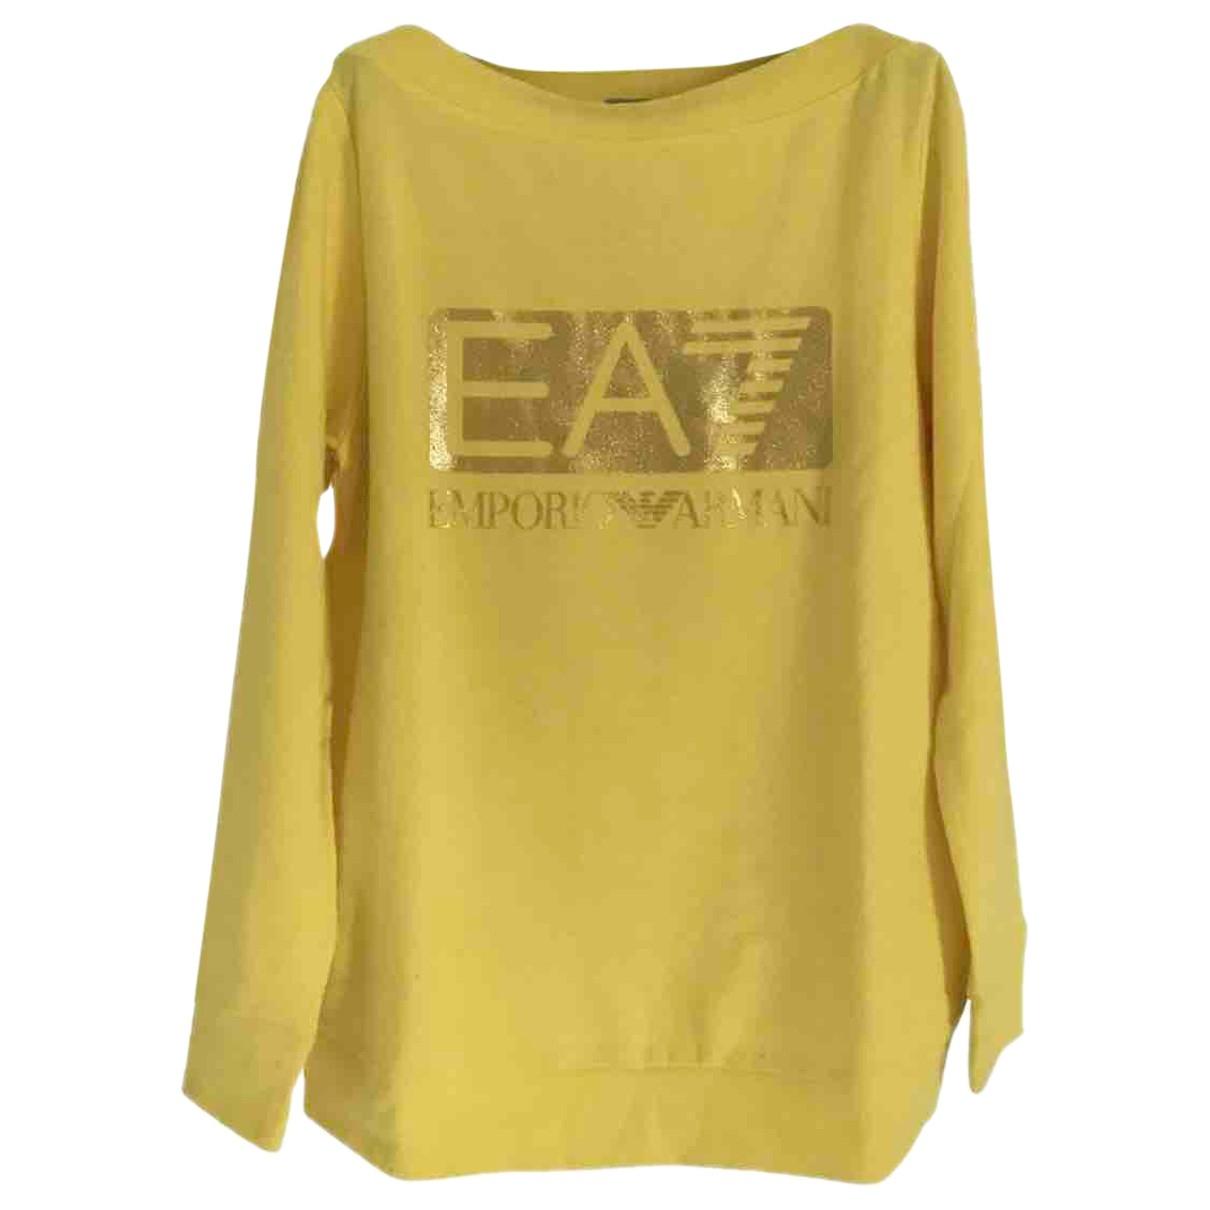 Emporio Armani - Pull   pour femme en coton - jaune